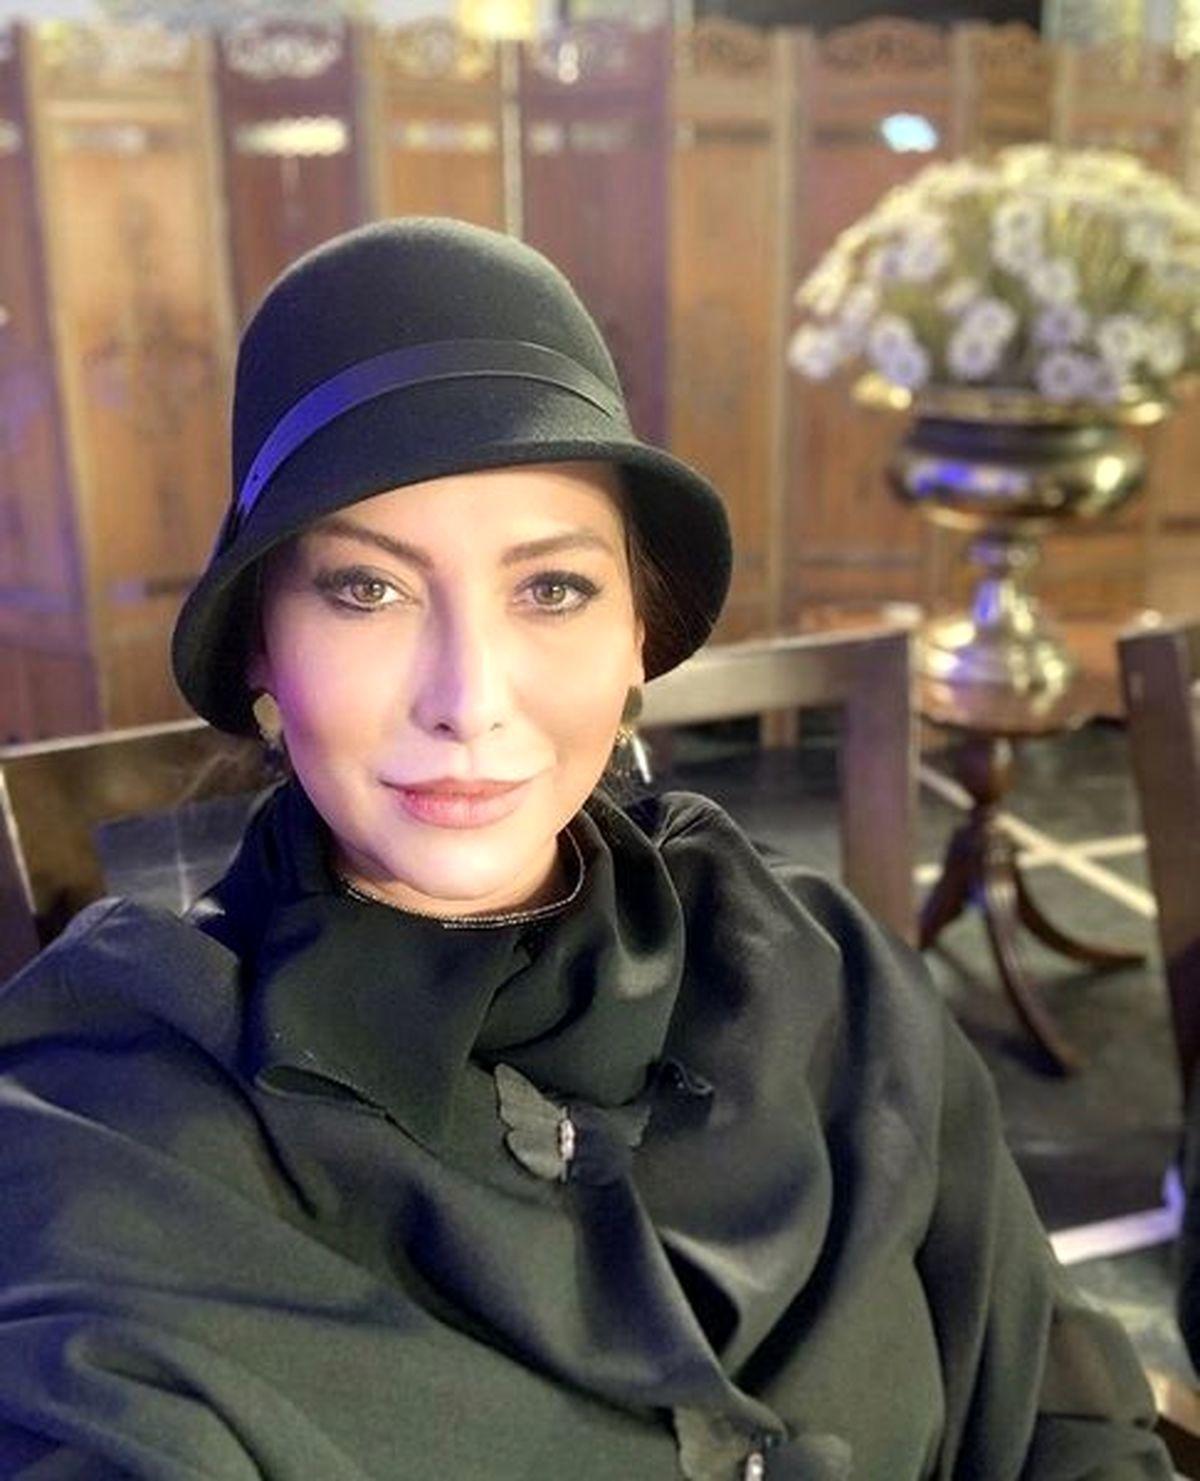 افشاگری فریبا نادری در برنامه دورهمی درباره عمل زیباییش + فیلم